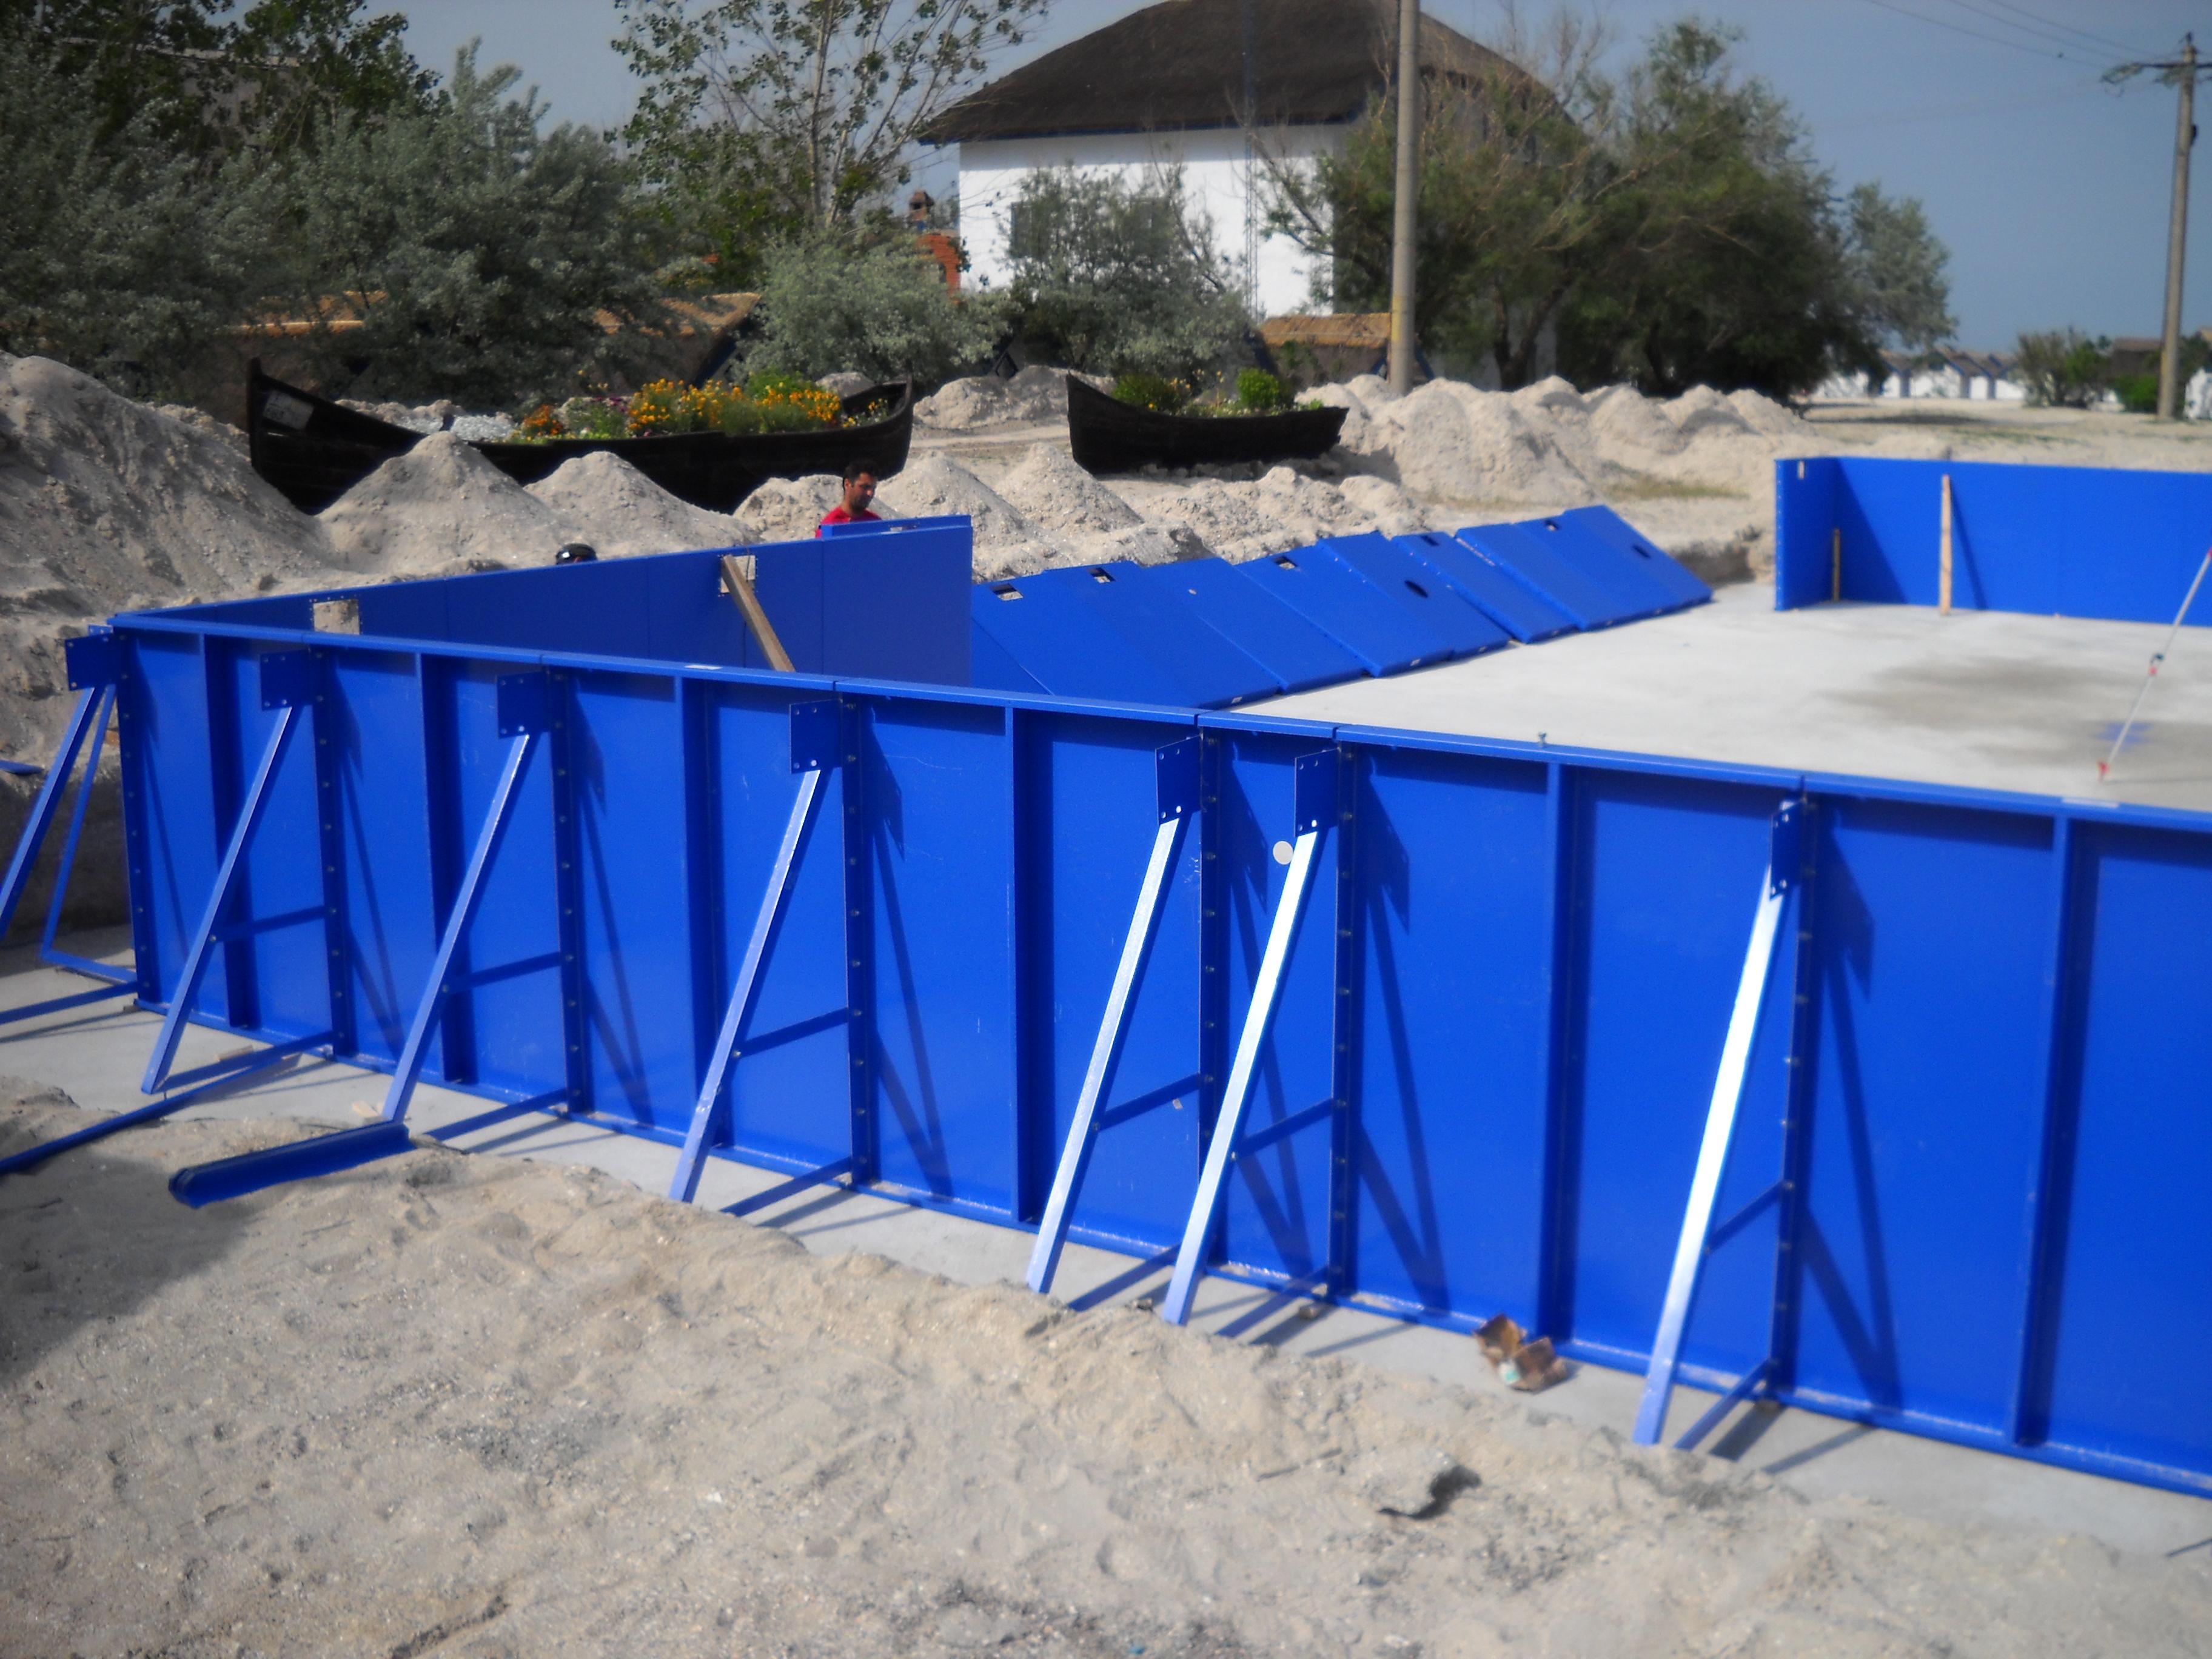 Faze de montaj piscine rezidentiale din panouri modulare de otel galvanizat ASTRAL POOL - Poza 3